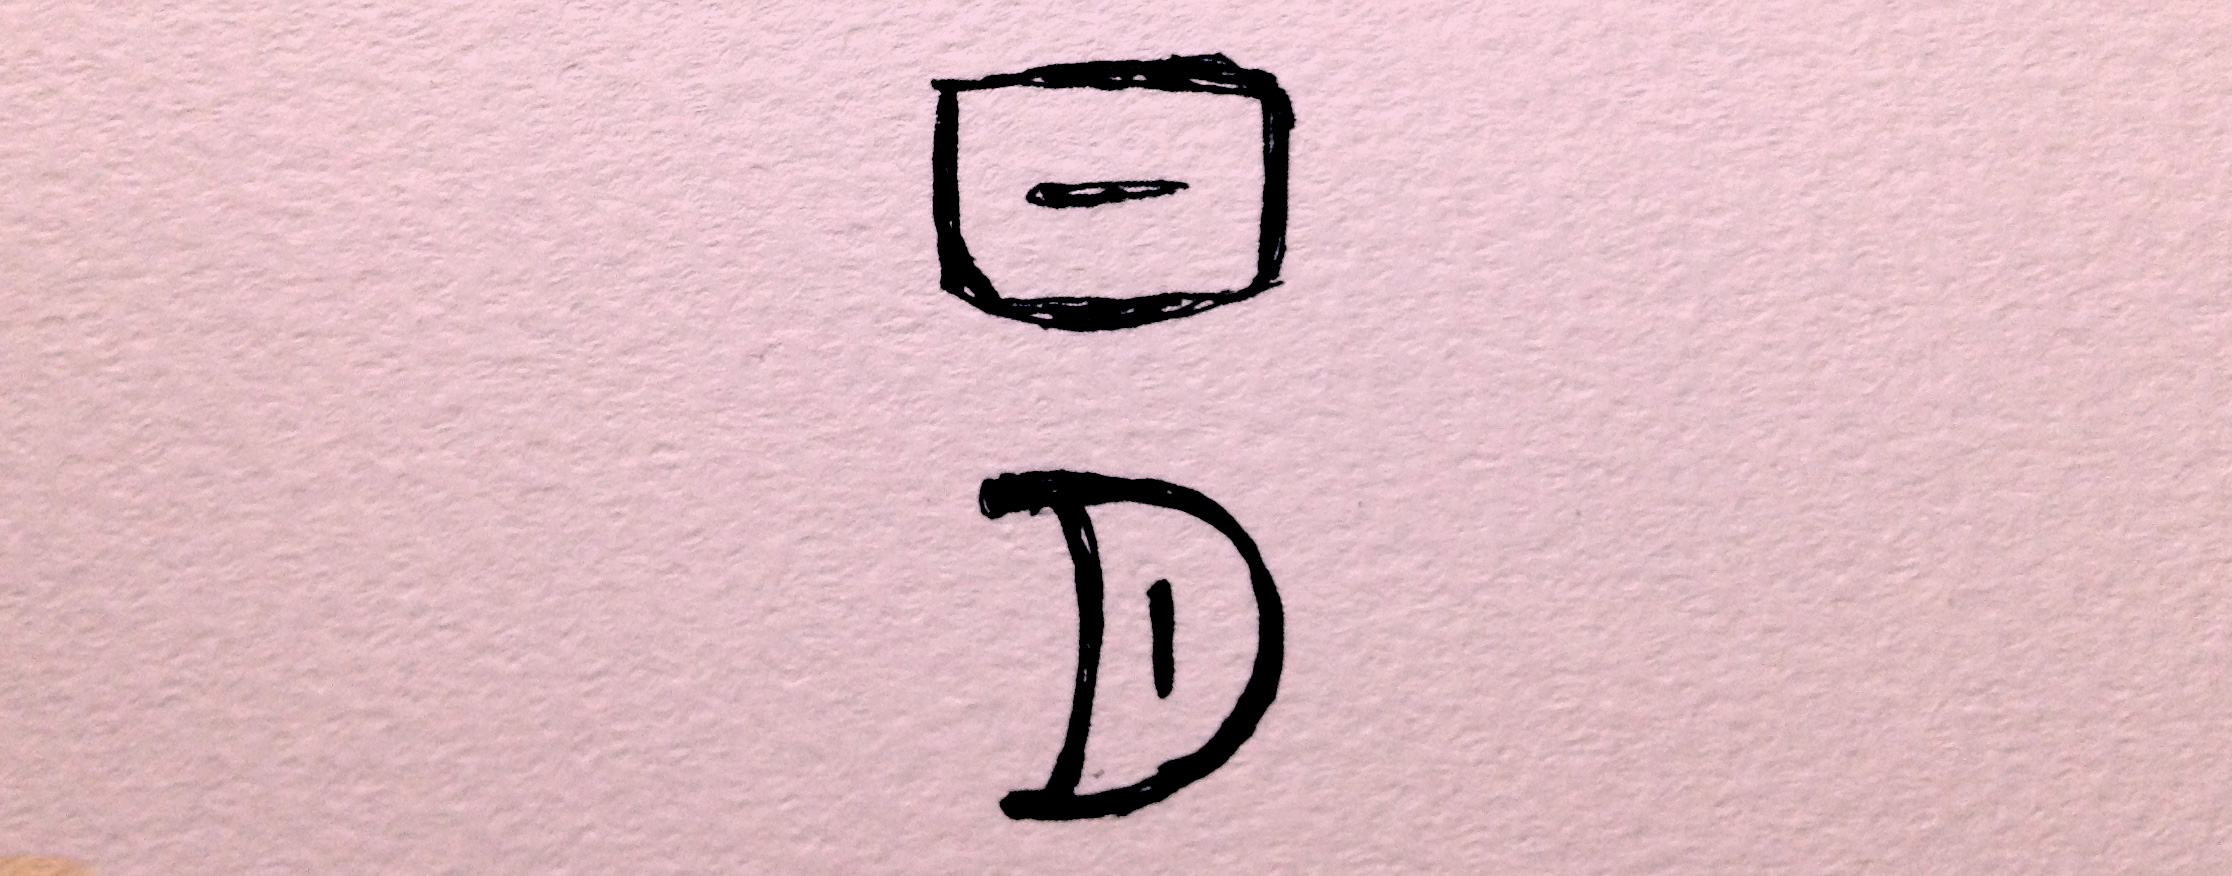 朝夜ネットにちなんだ「日」と「月」という象形文字の画像